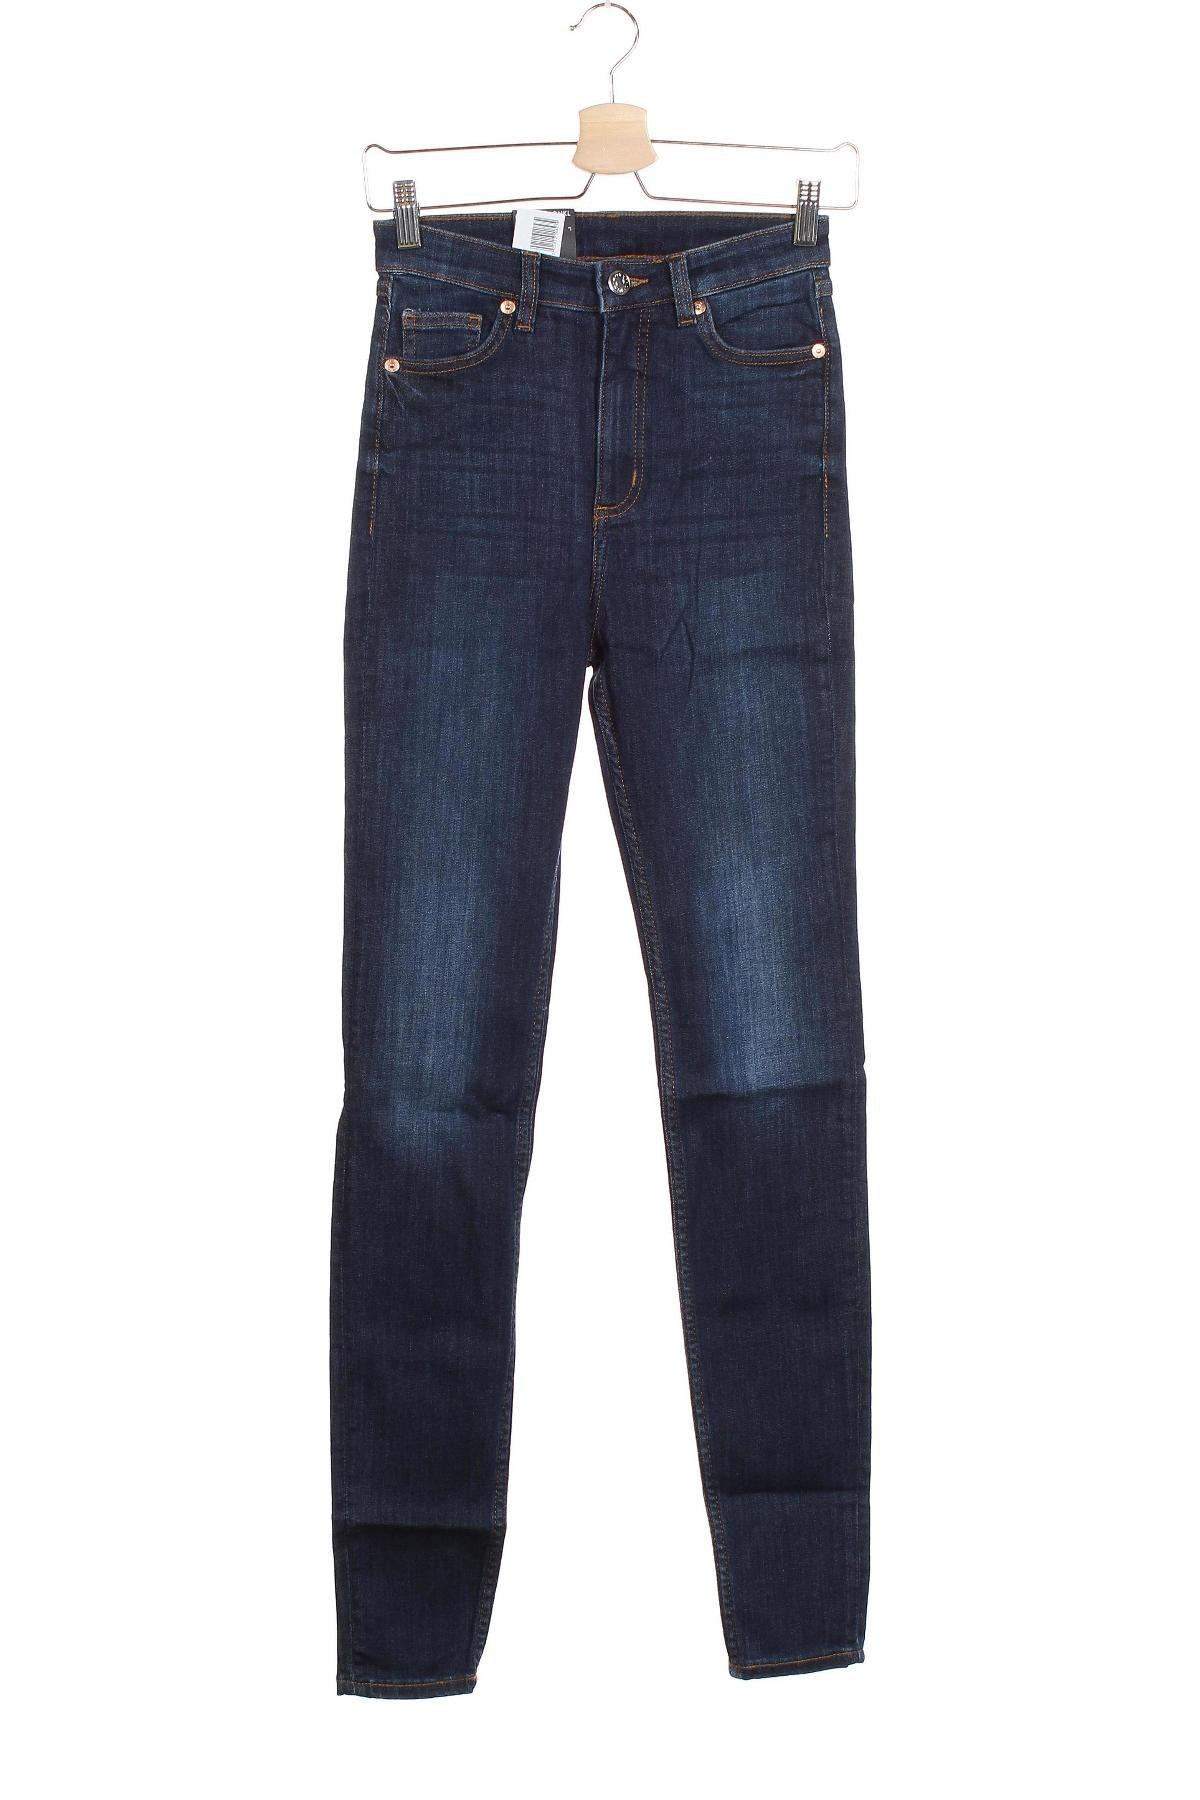 Дамски дънки Monki, Размер XS, Цвят Син, 86% памук, 12% полиестер, 2% еластан, Цена 29,76лв.